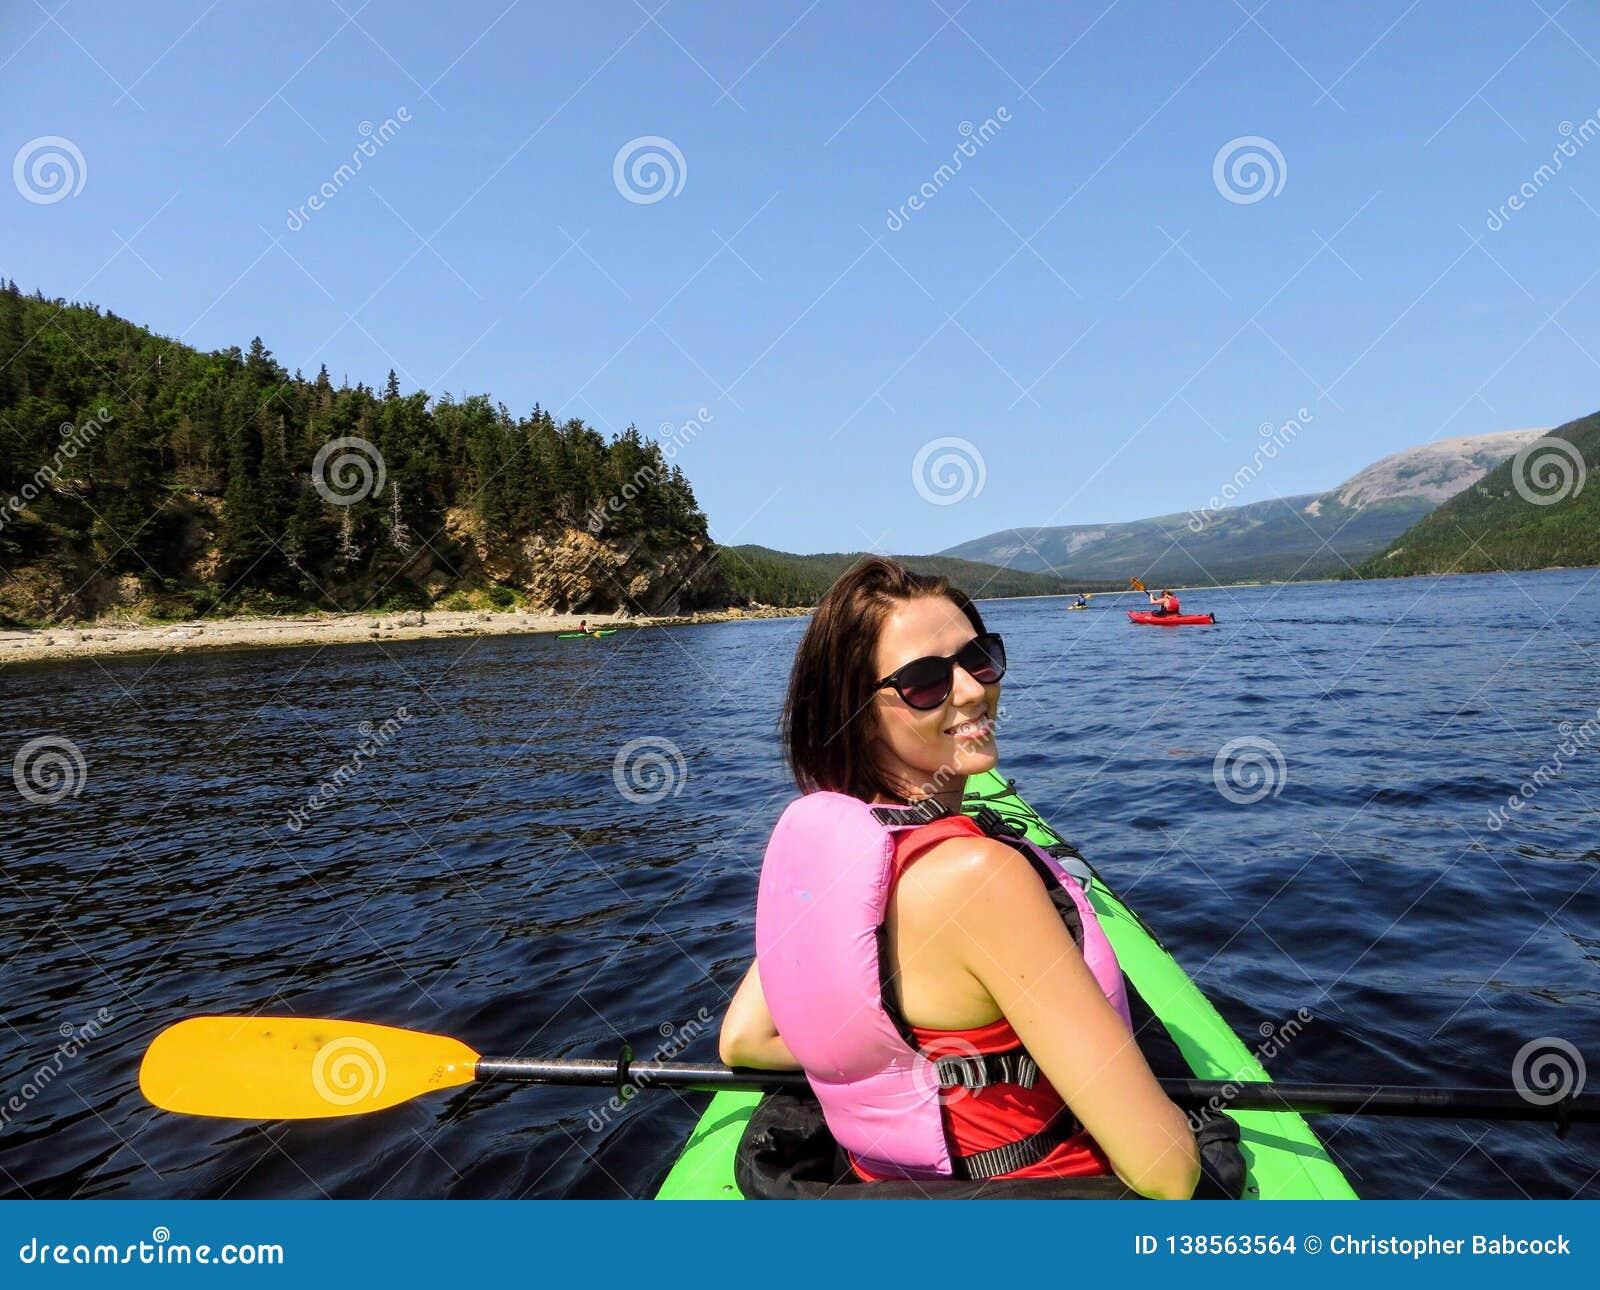 Młody żeński turysta bada piękne wody w Bonne w kajaku Trzymać na dystans z grupą kakayers, w Gros Morne